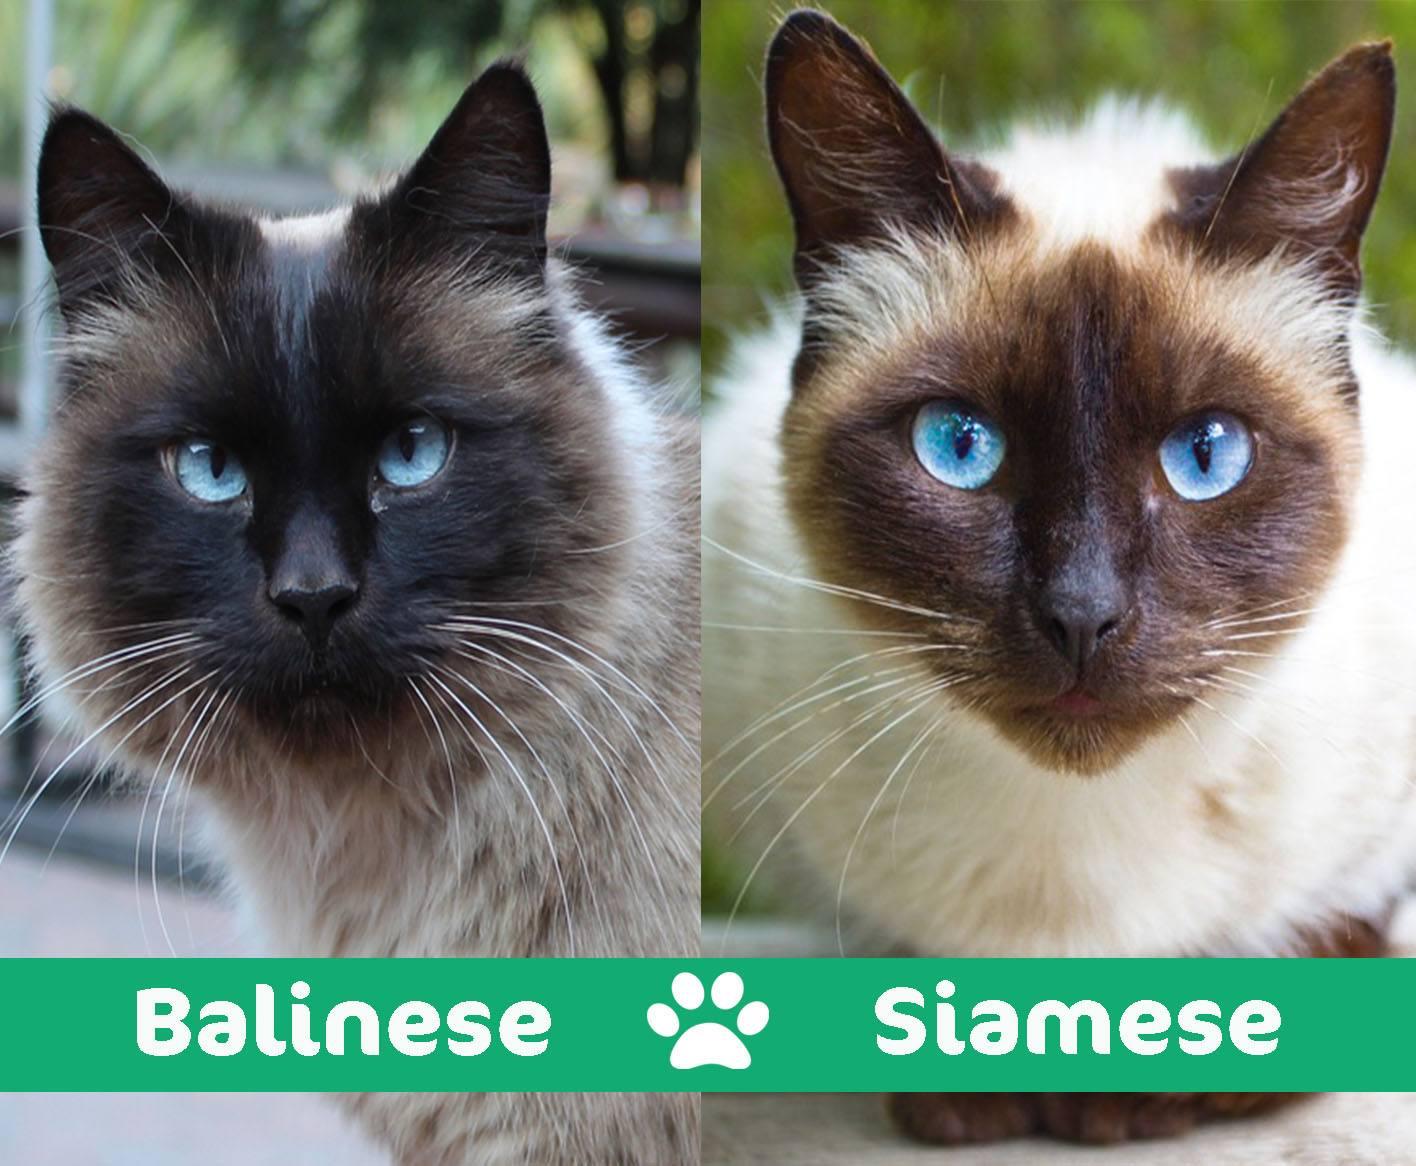 balinese vs. siamese